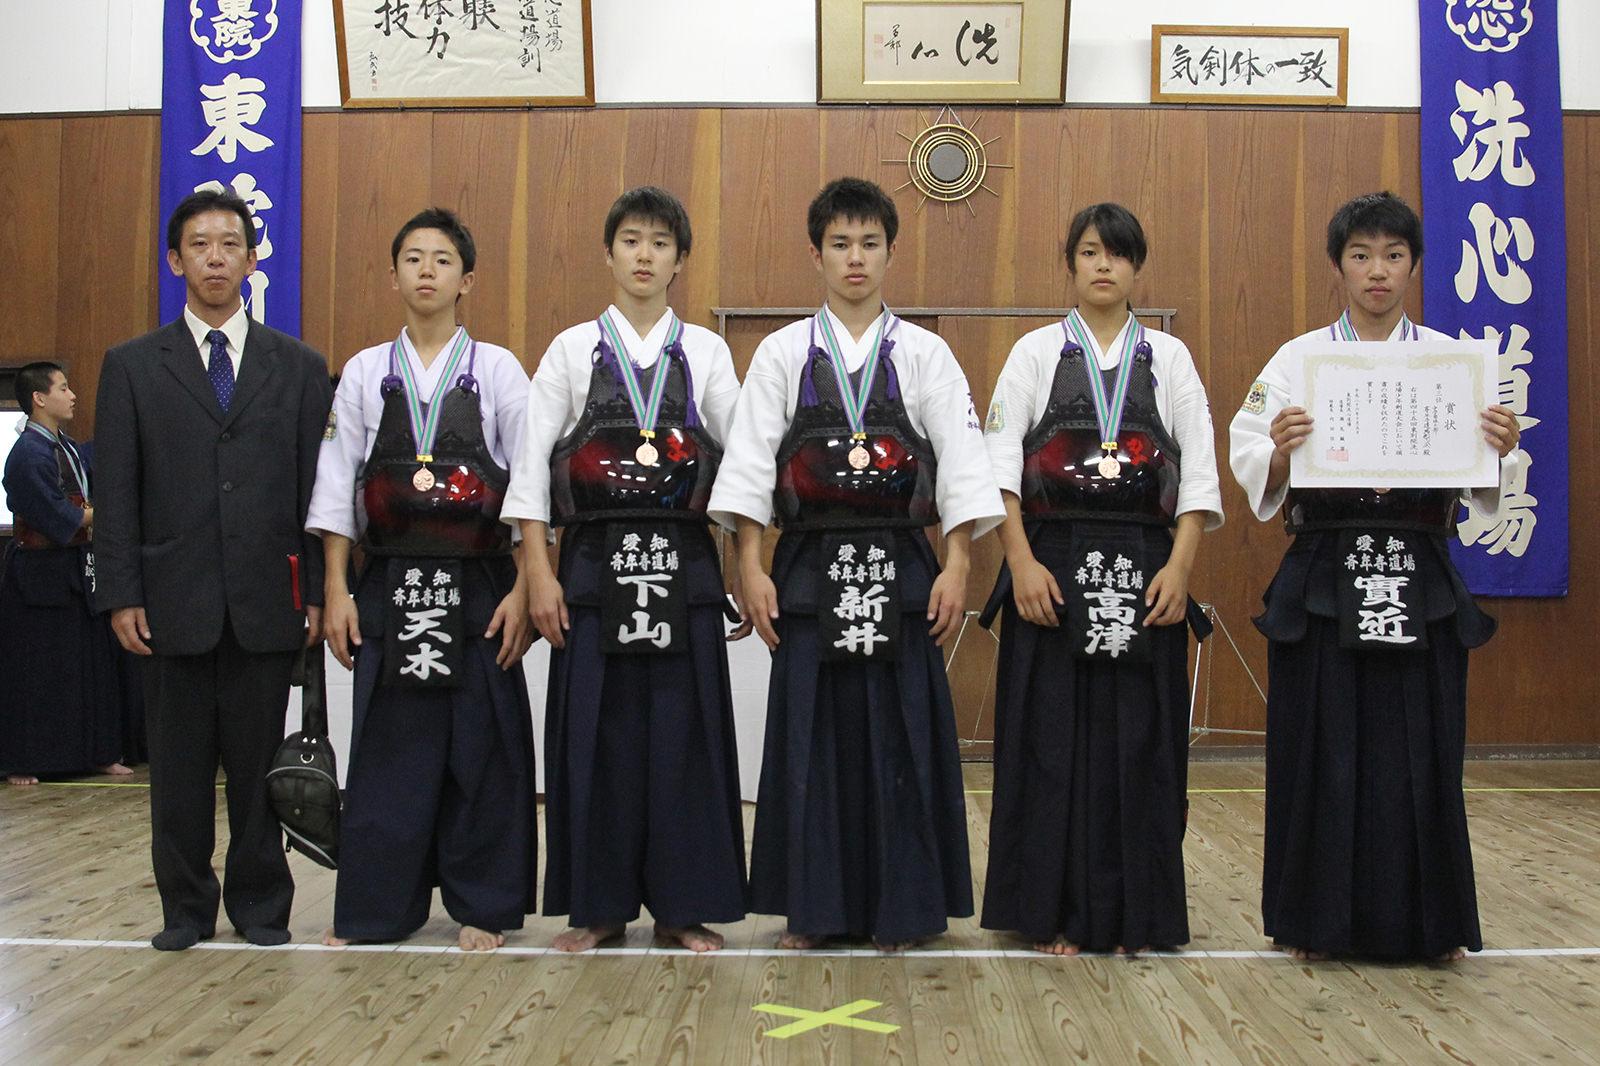 第45回東別院洗心道場少年剣道大会